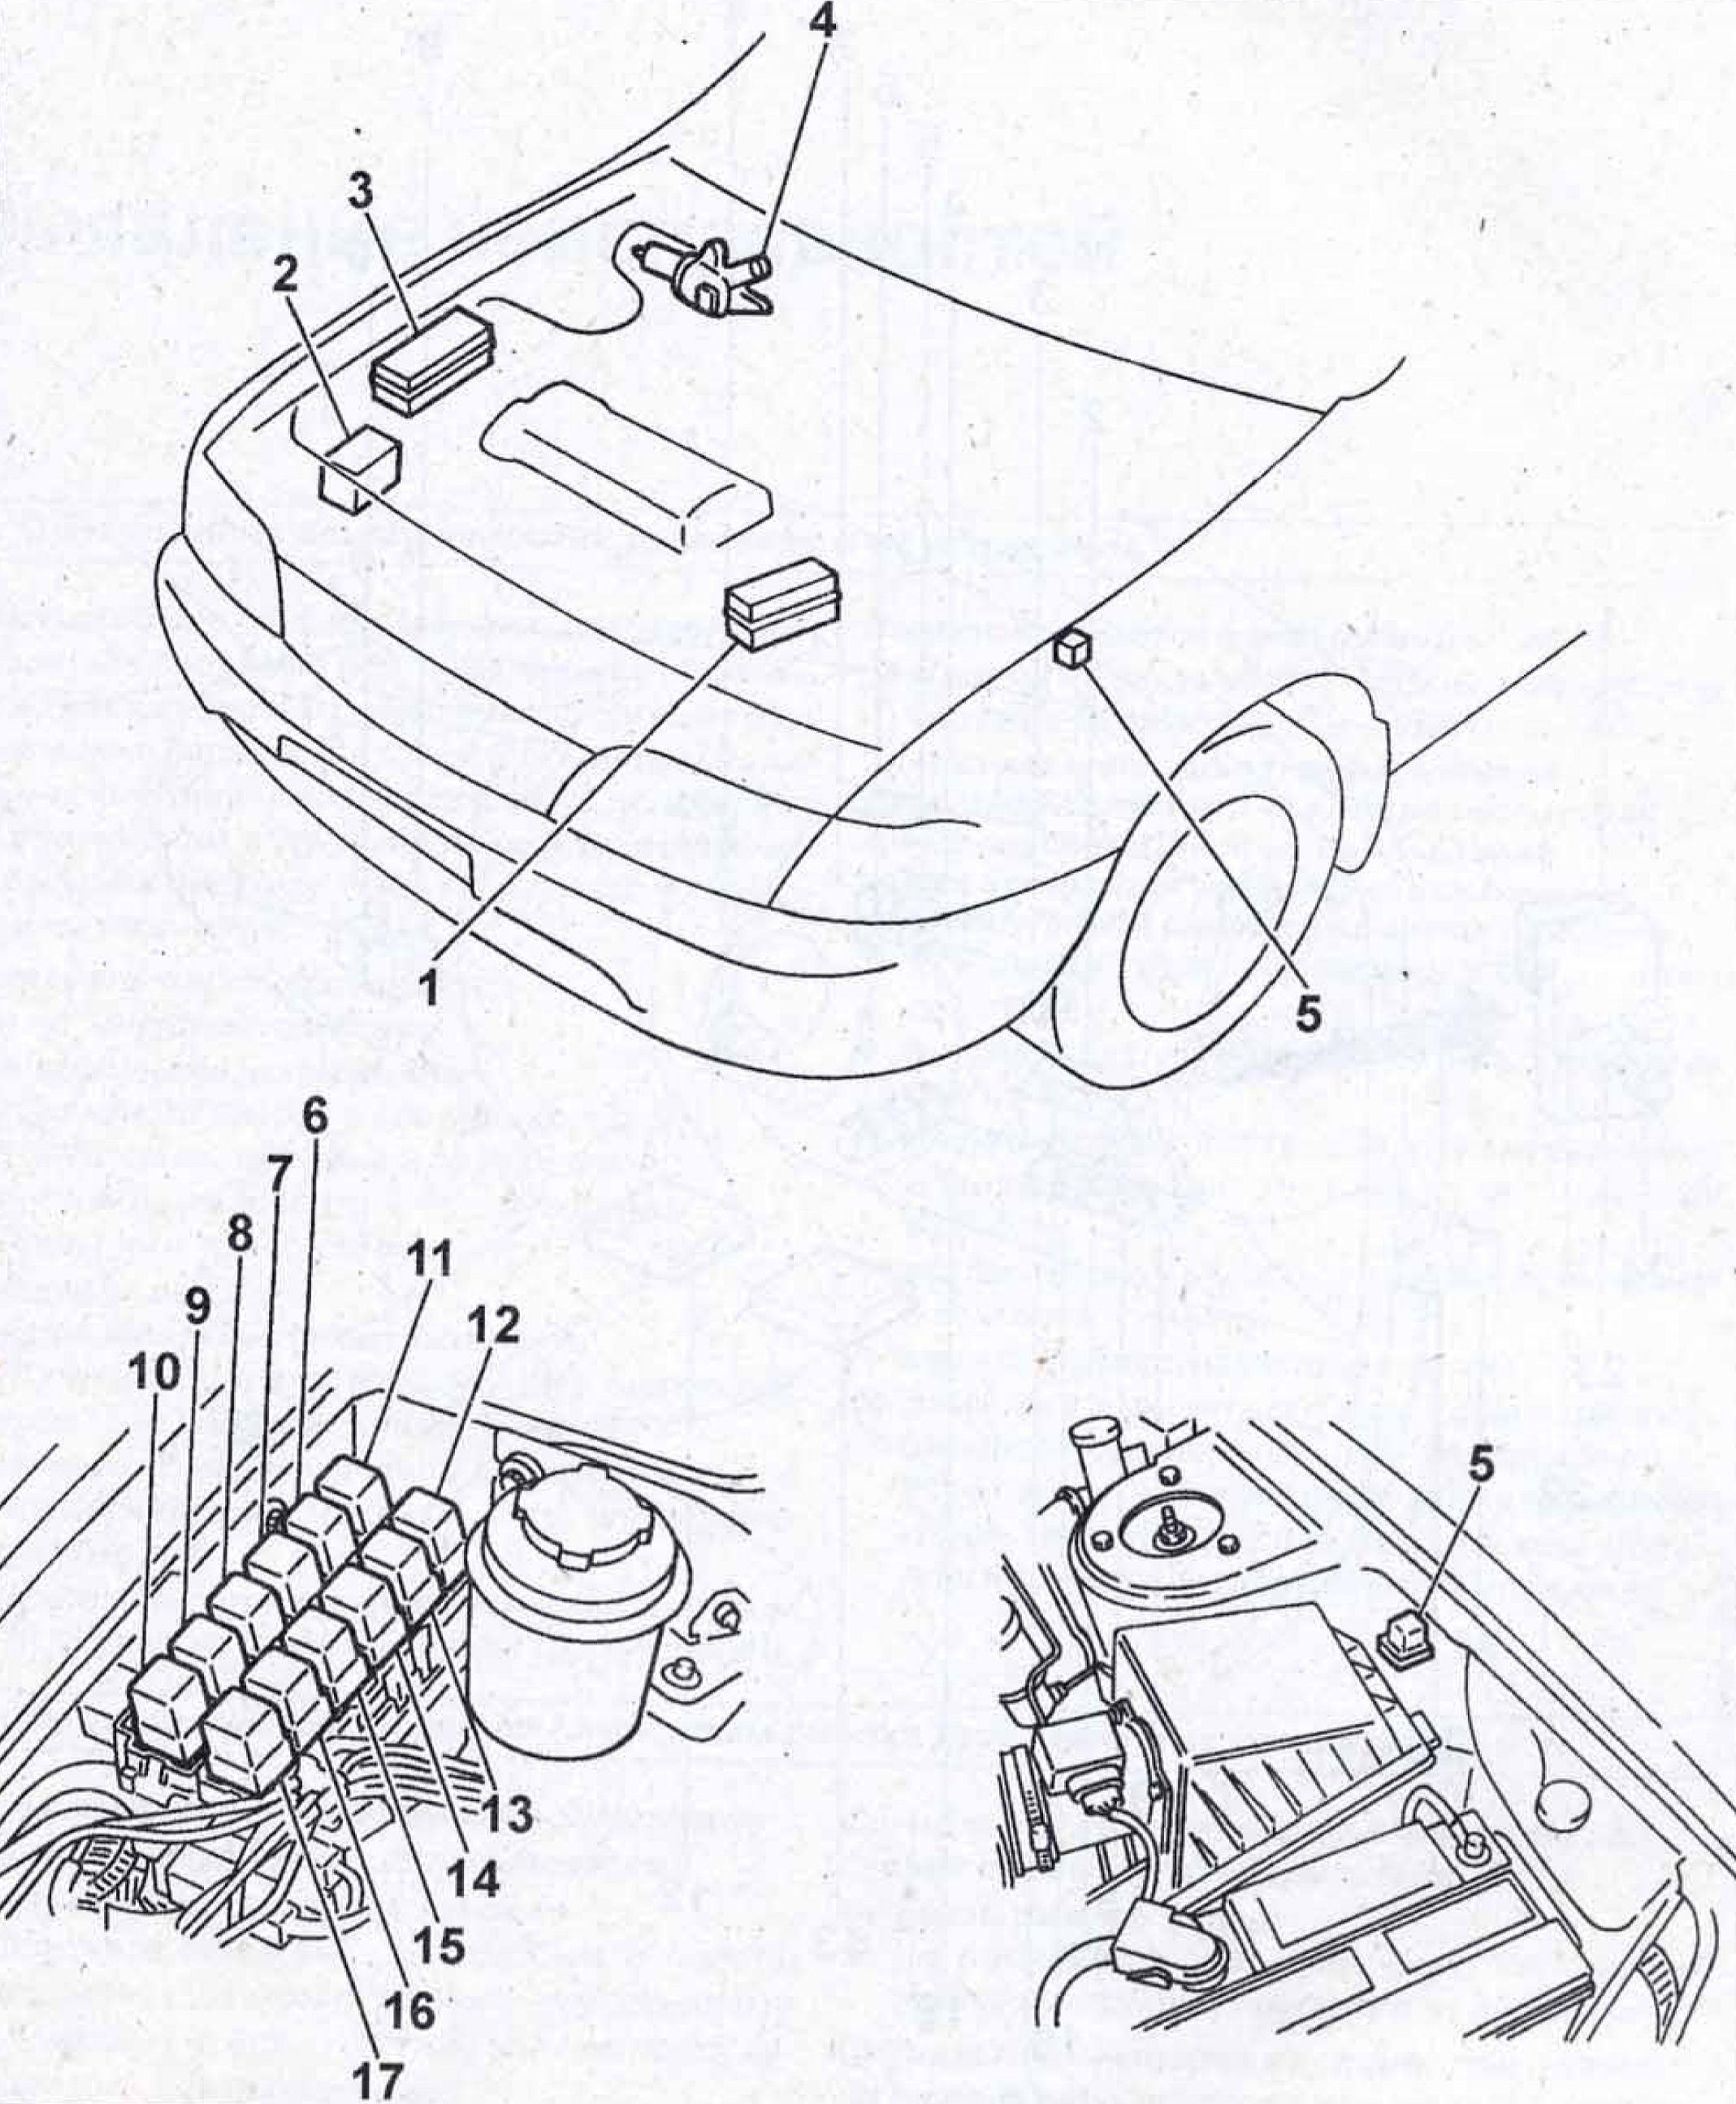 Предохранители и реле в моторном отсеке: 1 - блок предохранителей в моторном отсеке; 2 - блок управления ABS; 3...